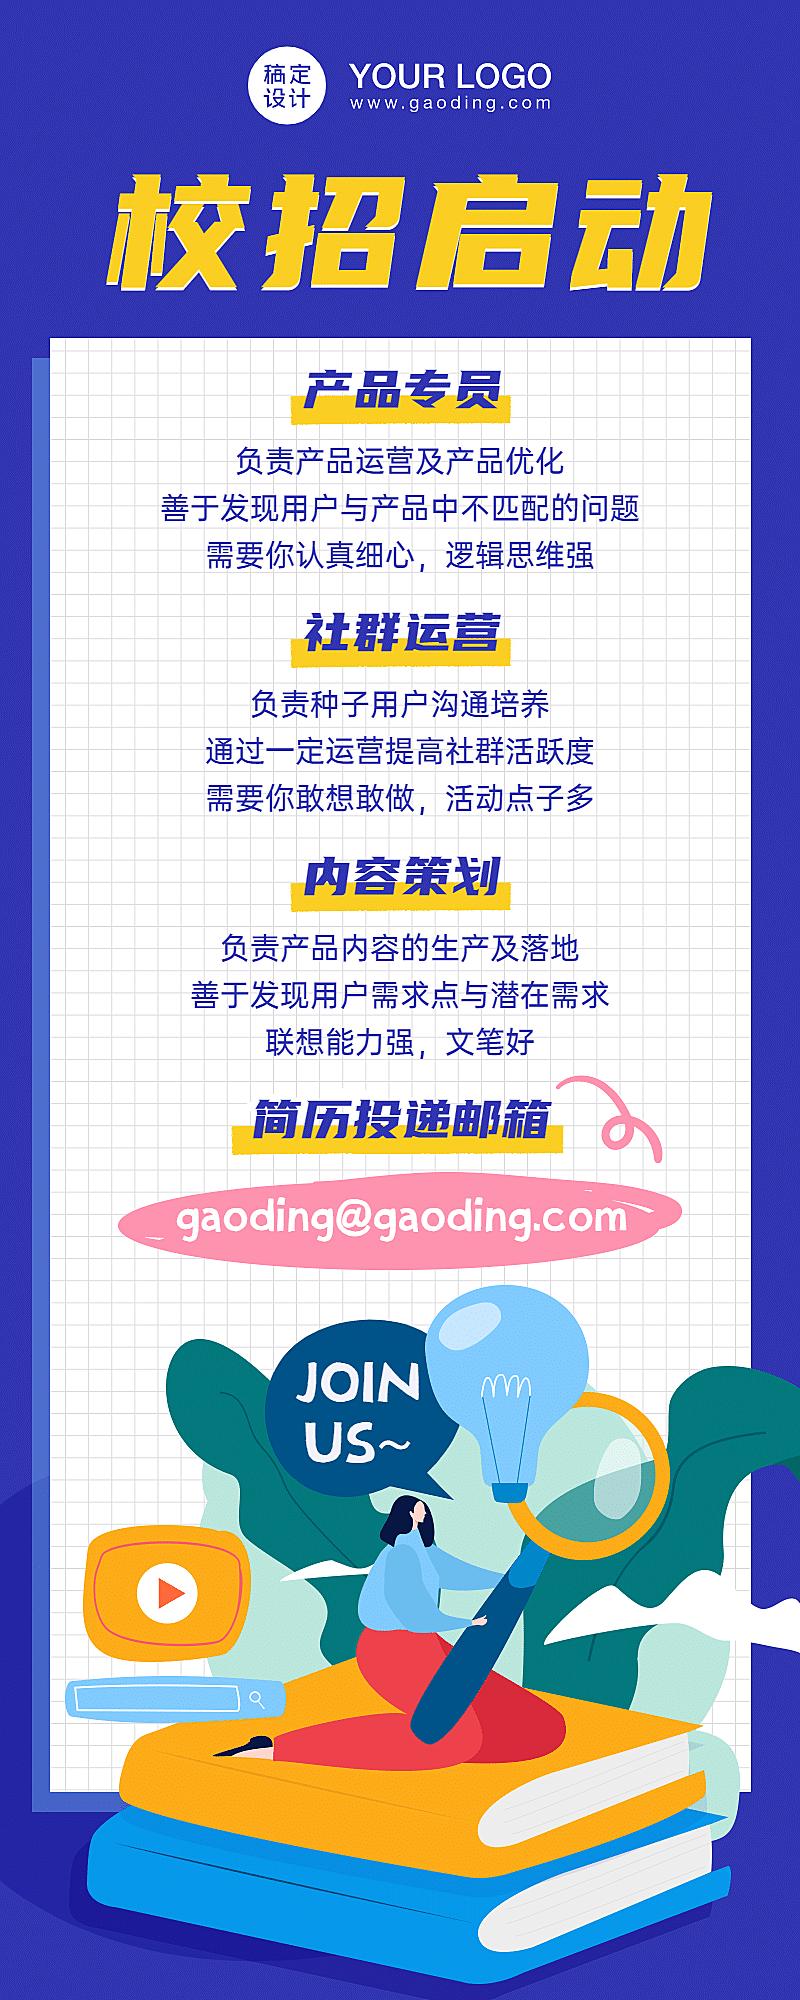 企业校招春招长图海报